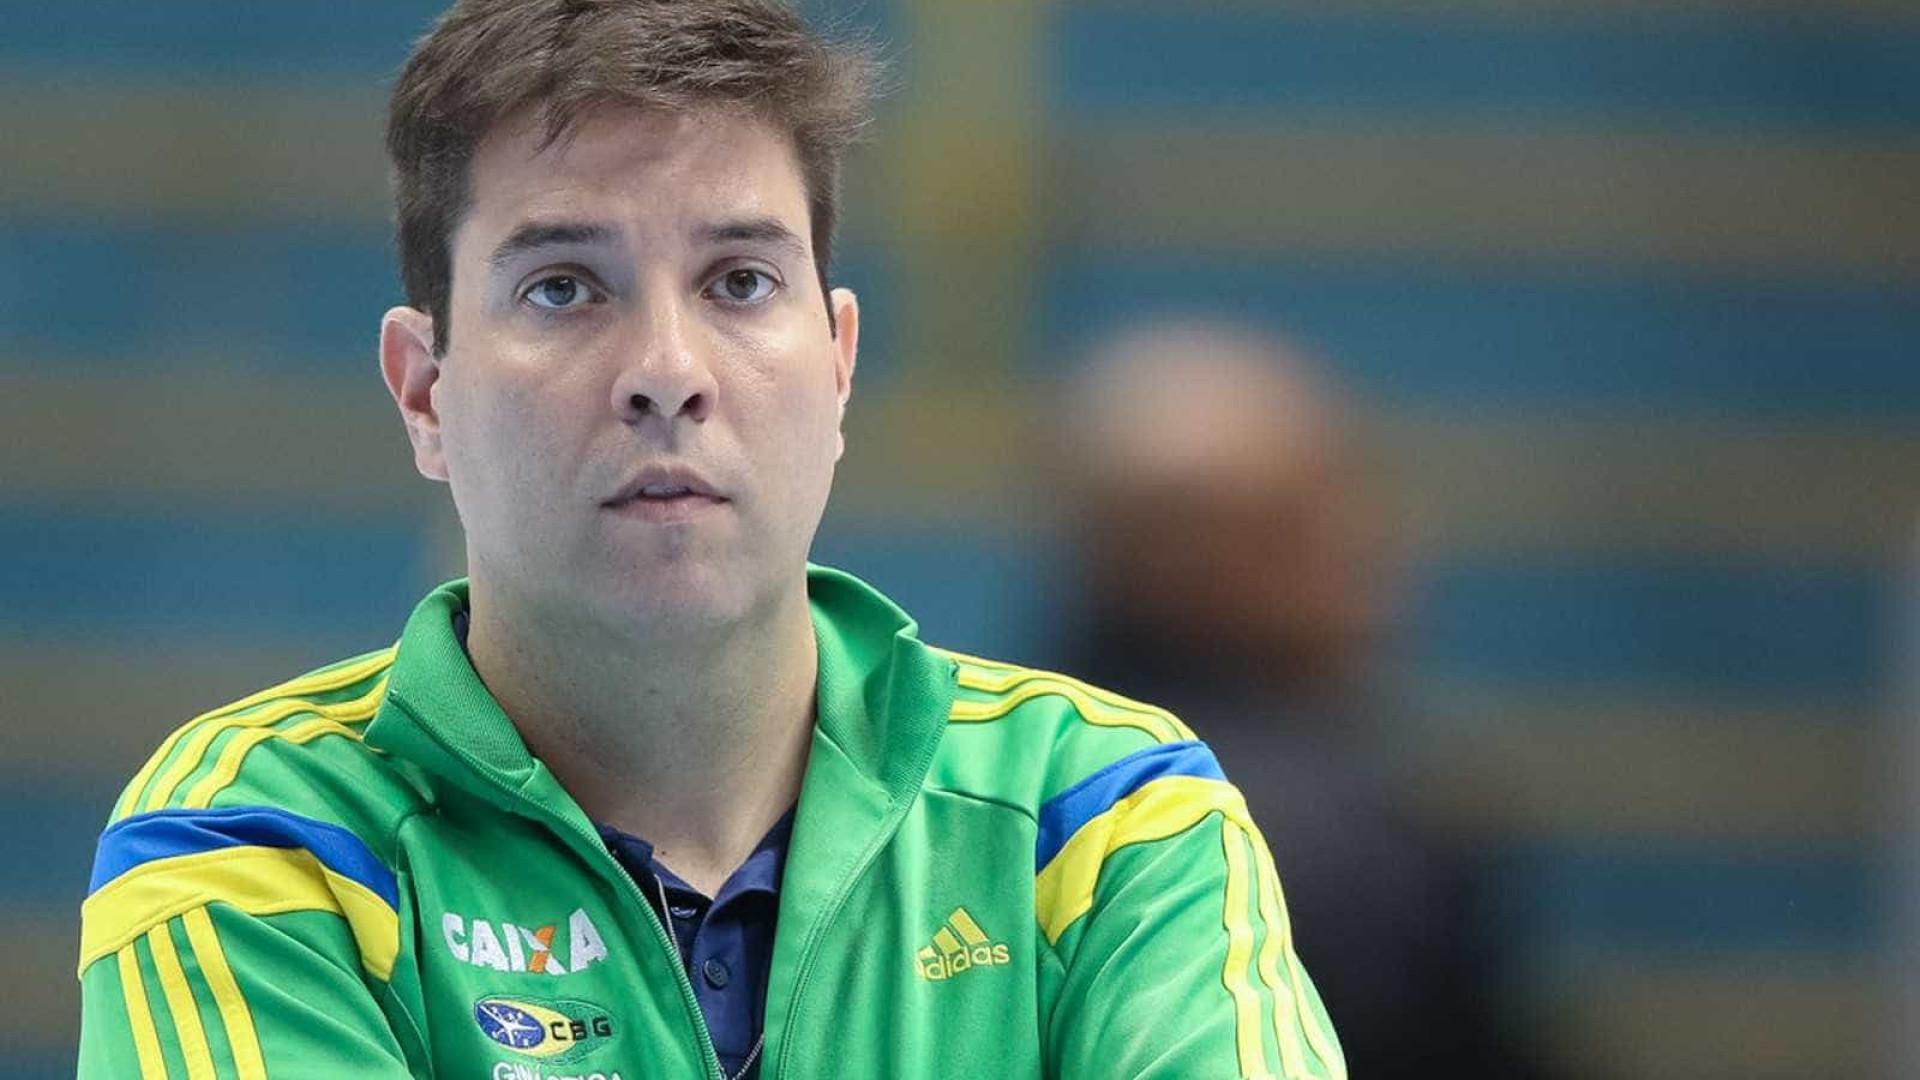 Acusado de abuso, ex-treinador da ginástica é convocado por CPI